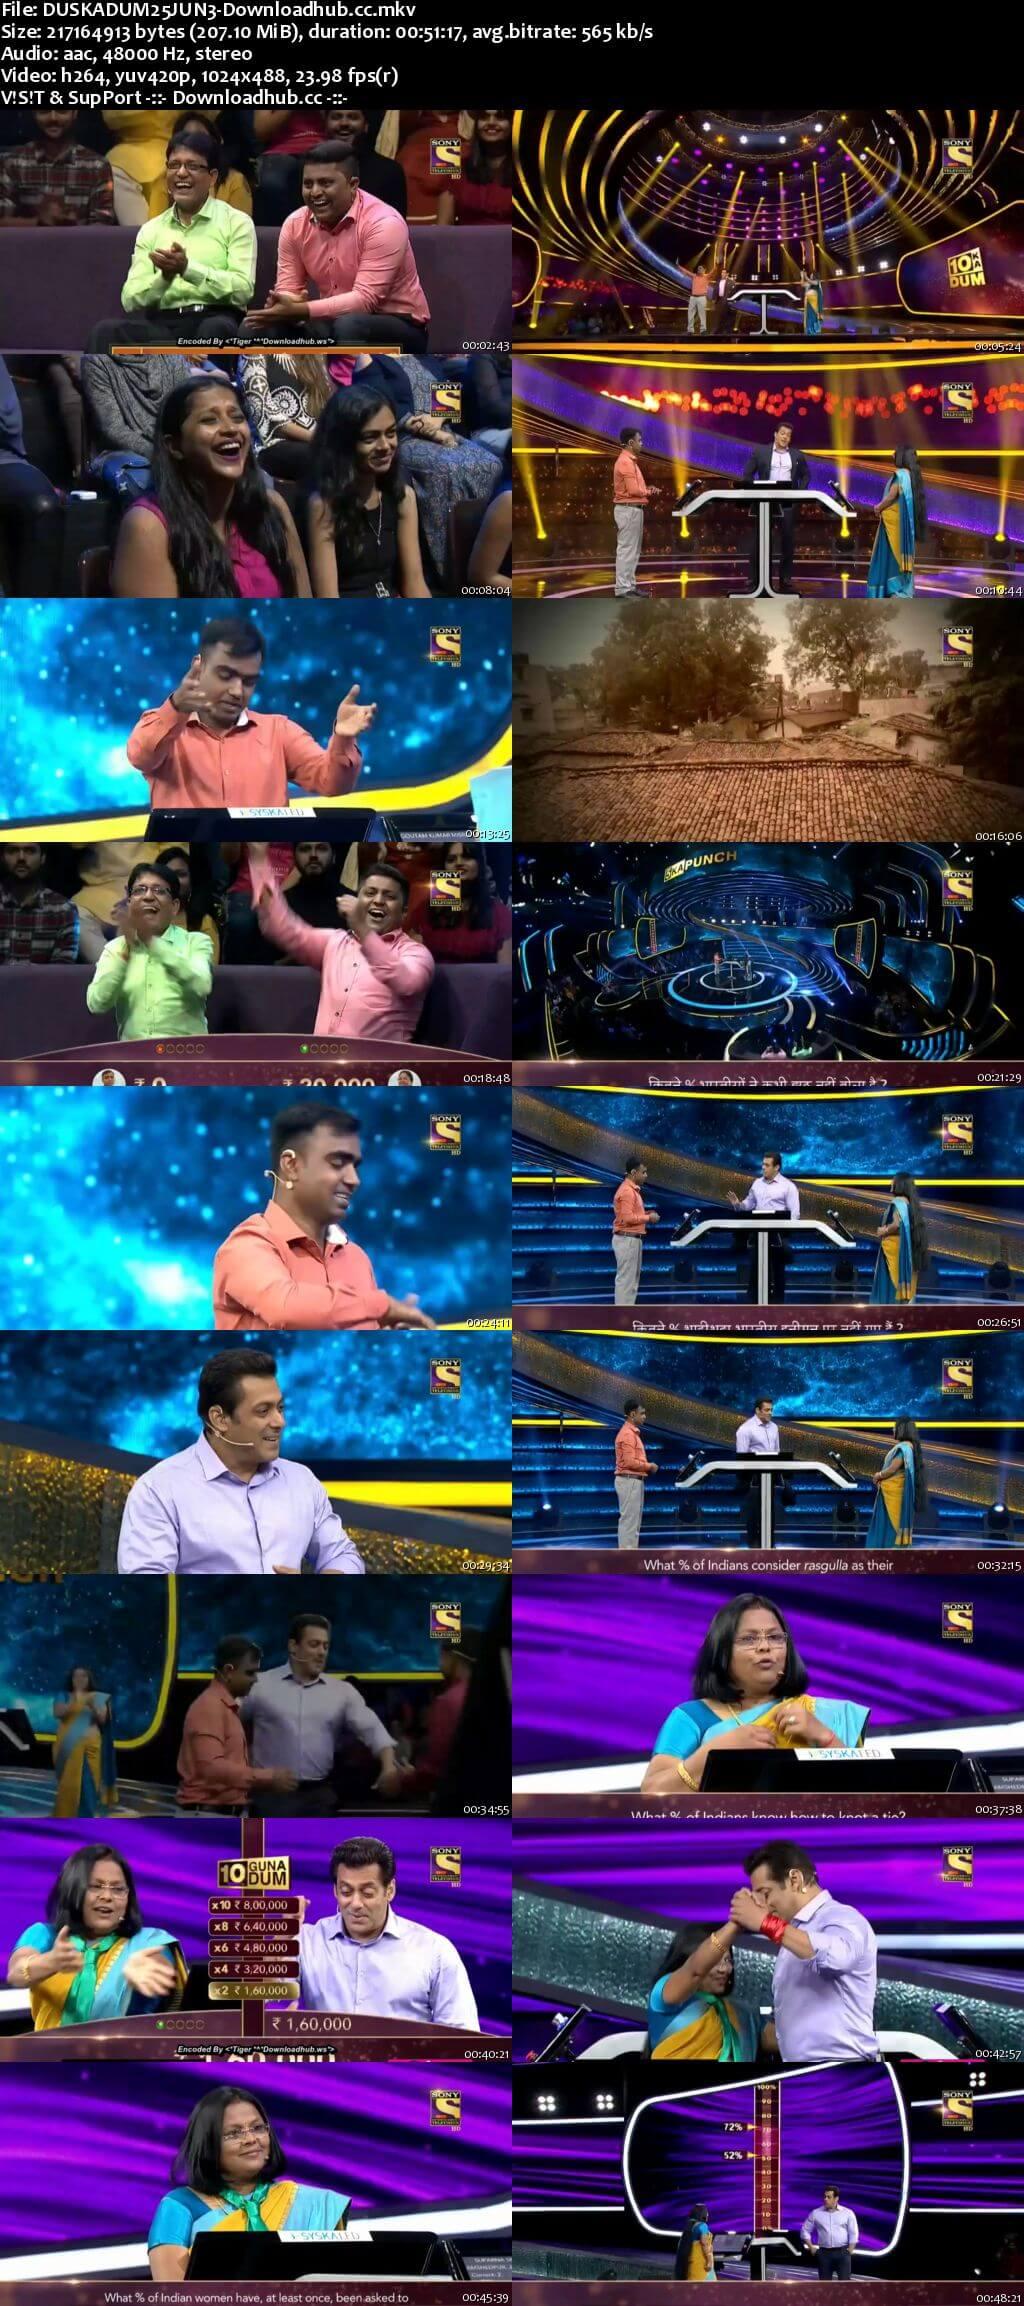 Dus Ka Dum 25 June 2018 Episode 07 HDTV 480p